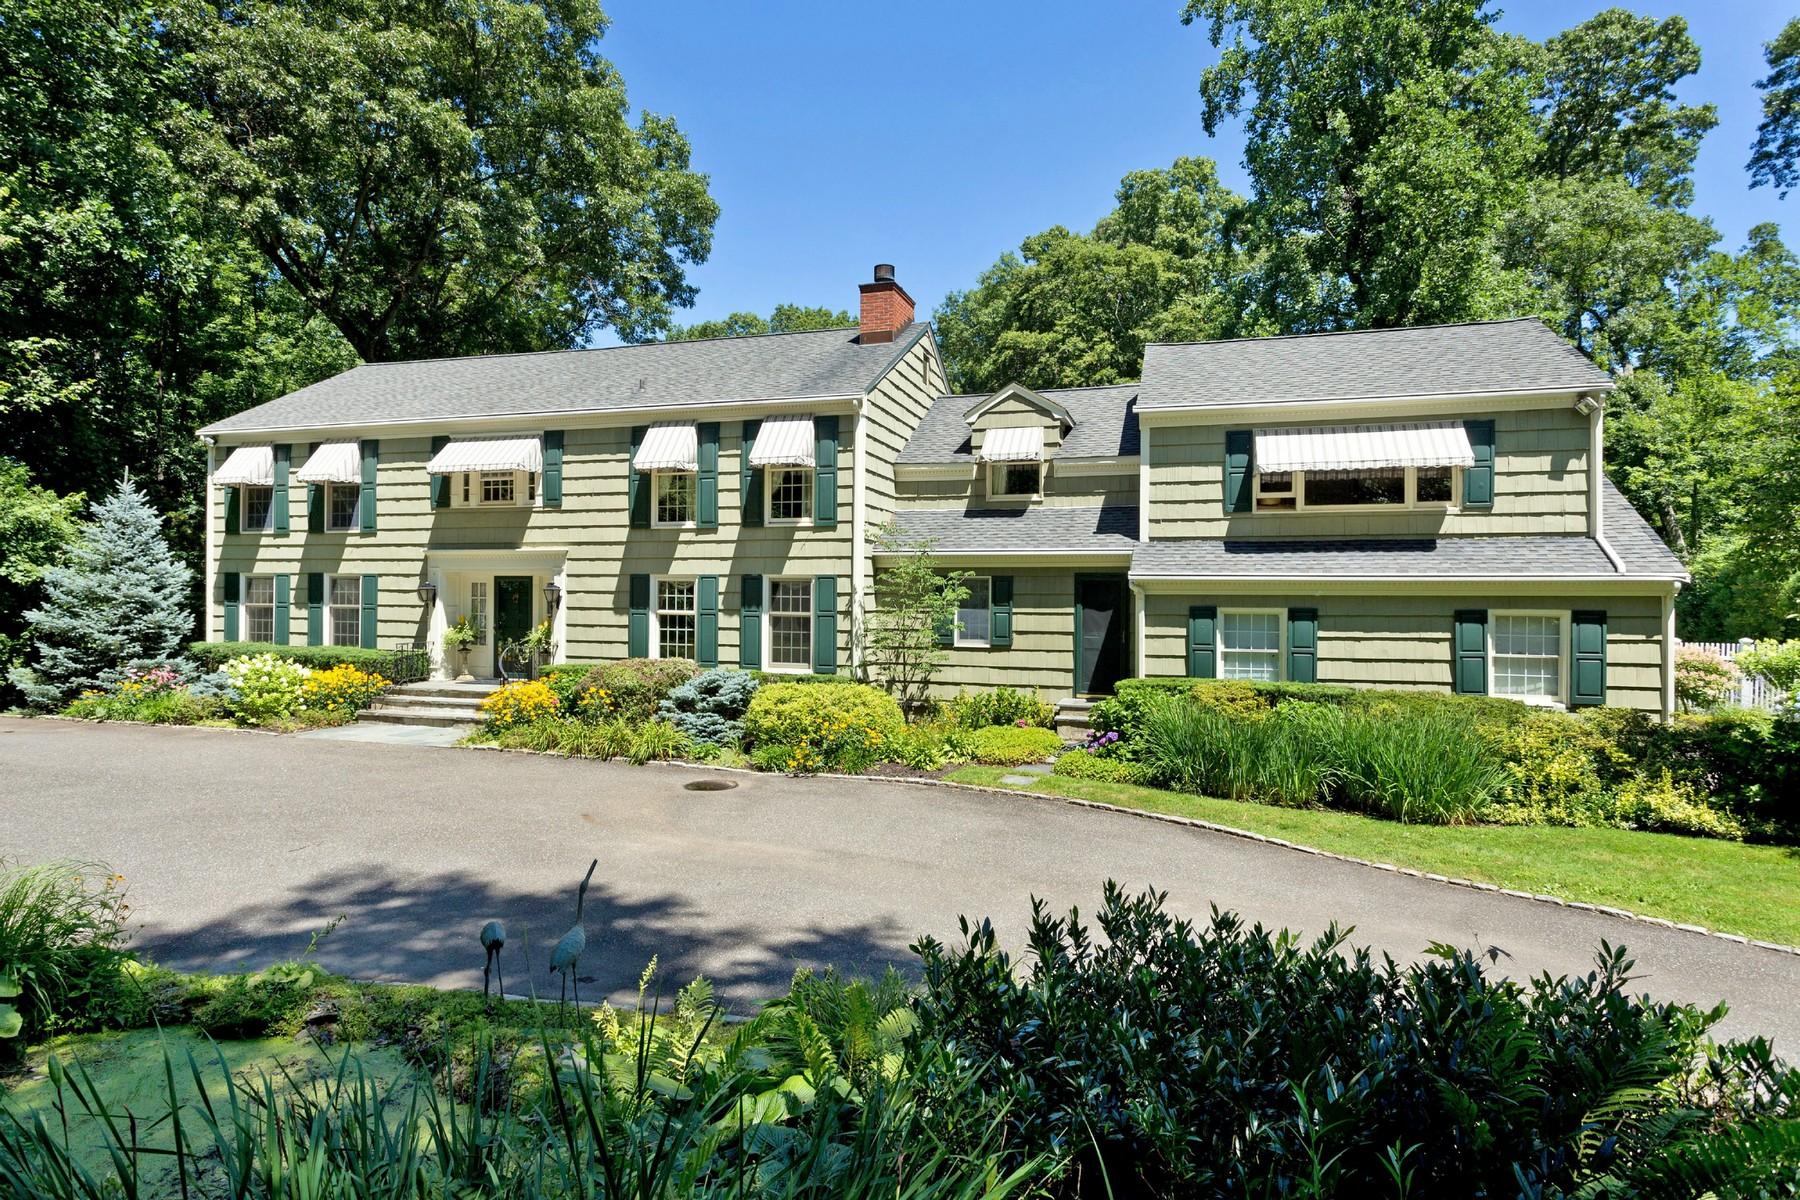 独户住宅 为 销售 在 Colonial 7 North Ct 牡蛎湾, 纽约州, 11771 美国